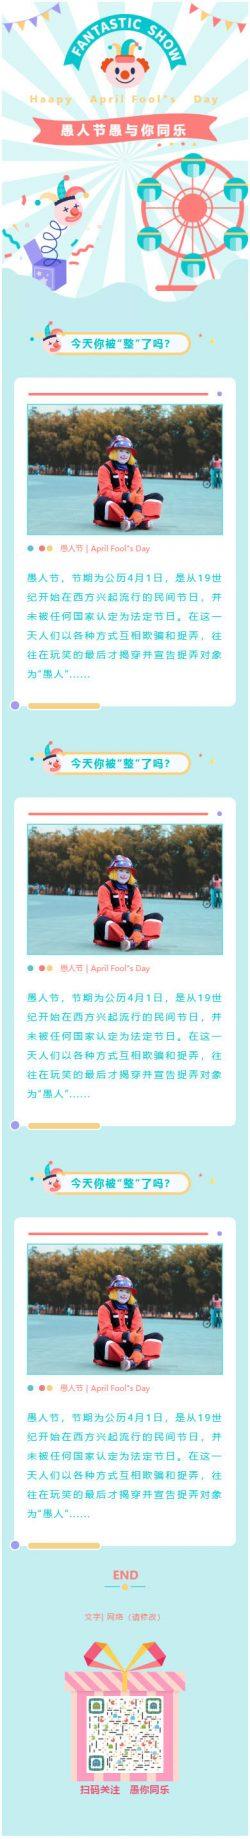 4月1日愚人节微信公众号推文模板推送图文素材